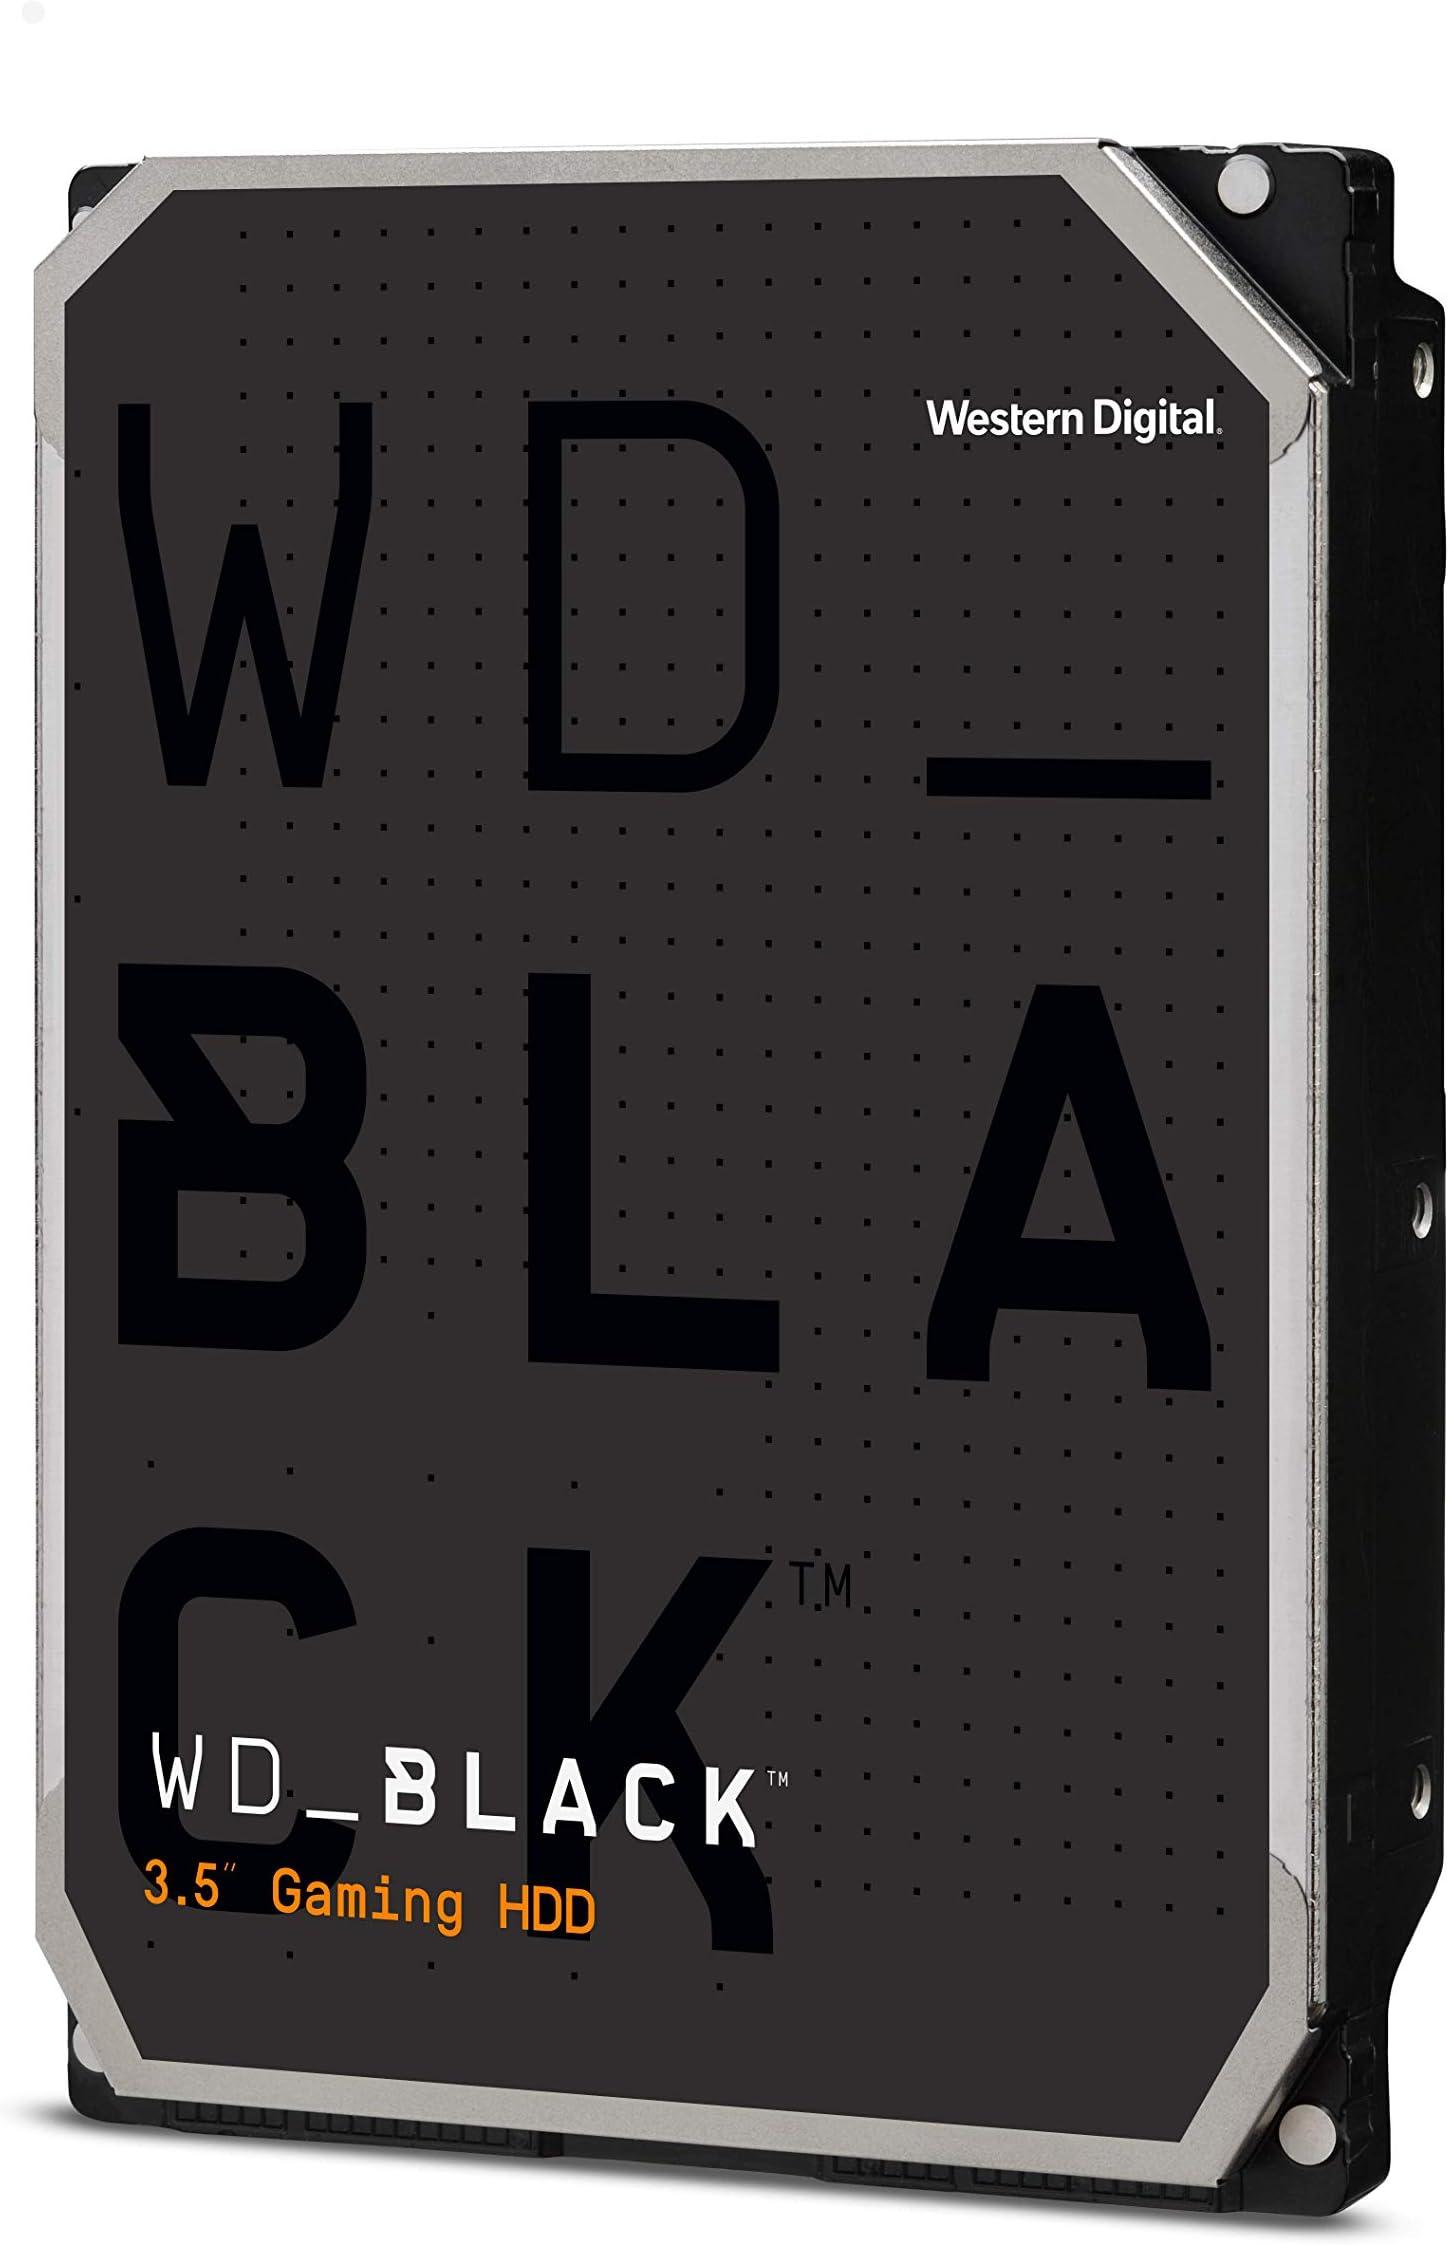 """Western Digital 2TB WD Black Performance Internal Hard Drive HDD - 7200 RPM, SATA 6 Gb/s, 64 MB Cache, 3.5"""" - WD2003FZEX"""